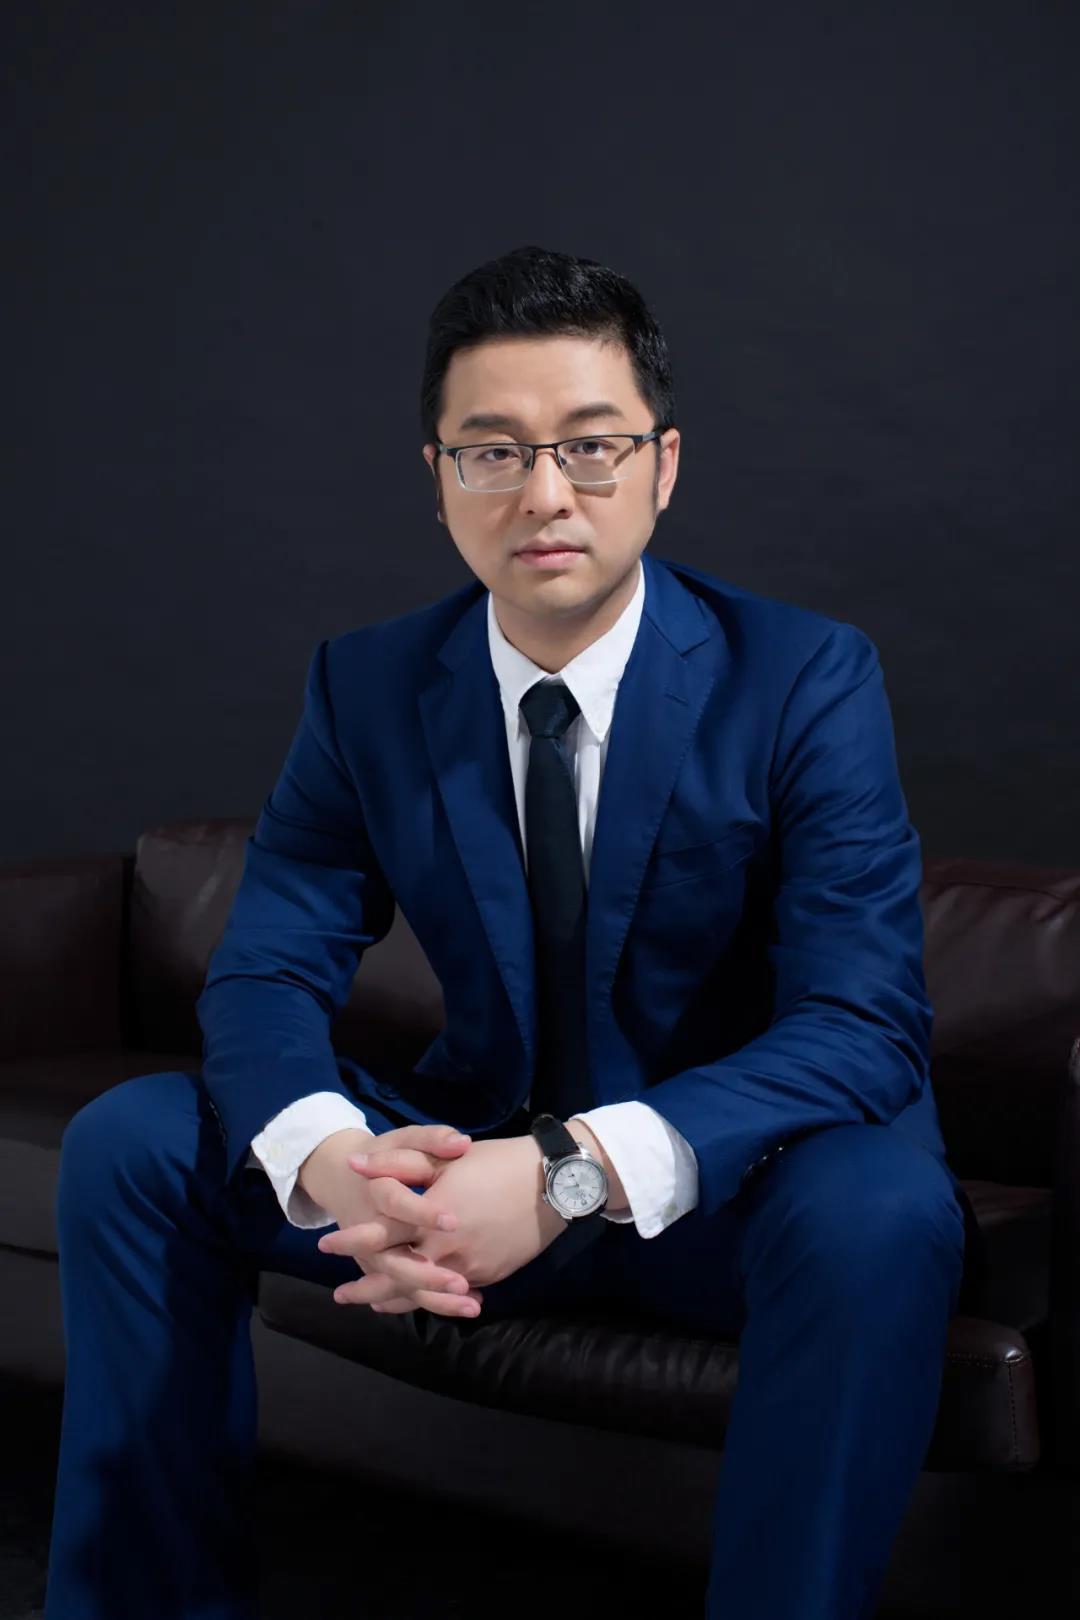 佳兆业商业岳耀磊:融入数字化浪潮 掘金存量商业 | 赢商对话